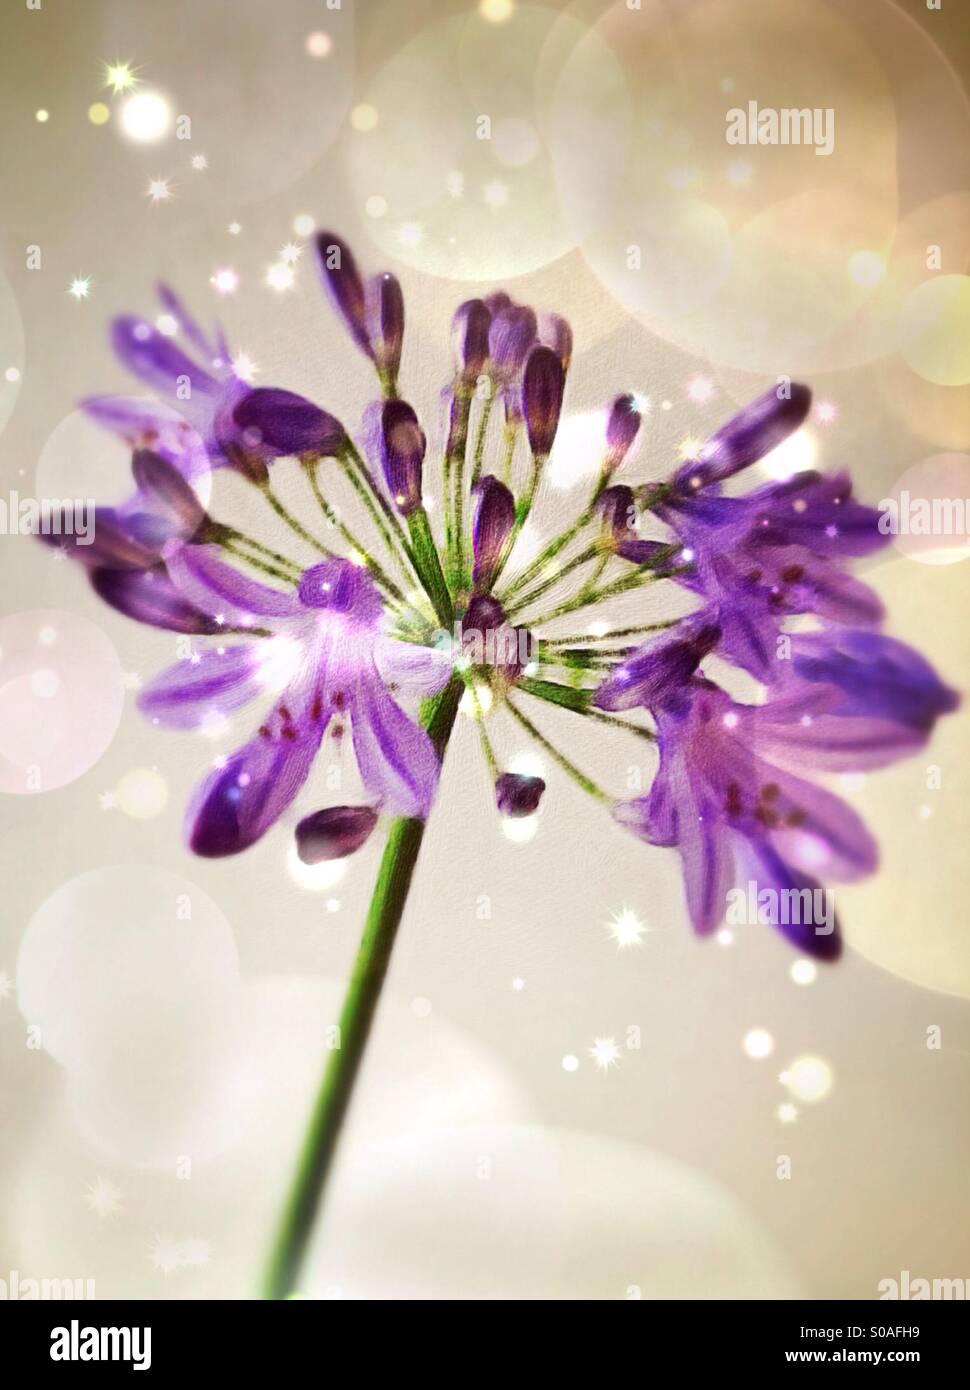 Agapanthus Blütenstand, Illustration, Malerei Stil. Stockbild